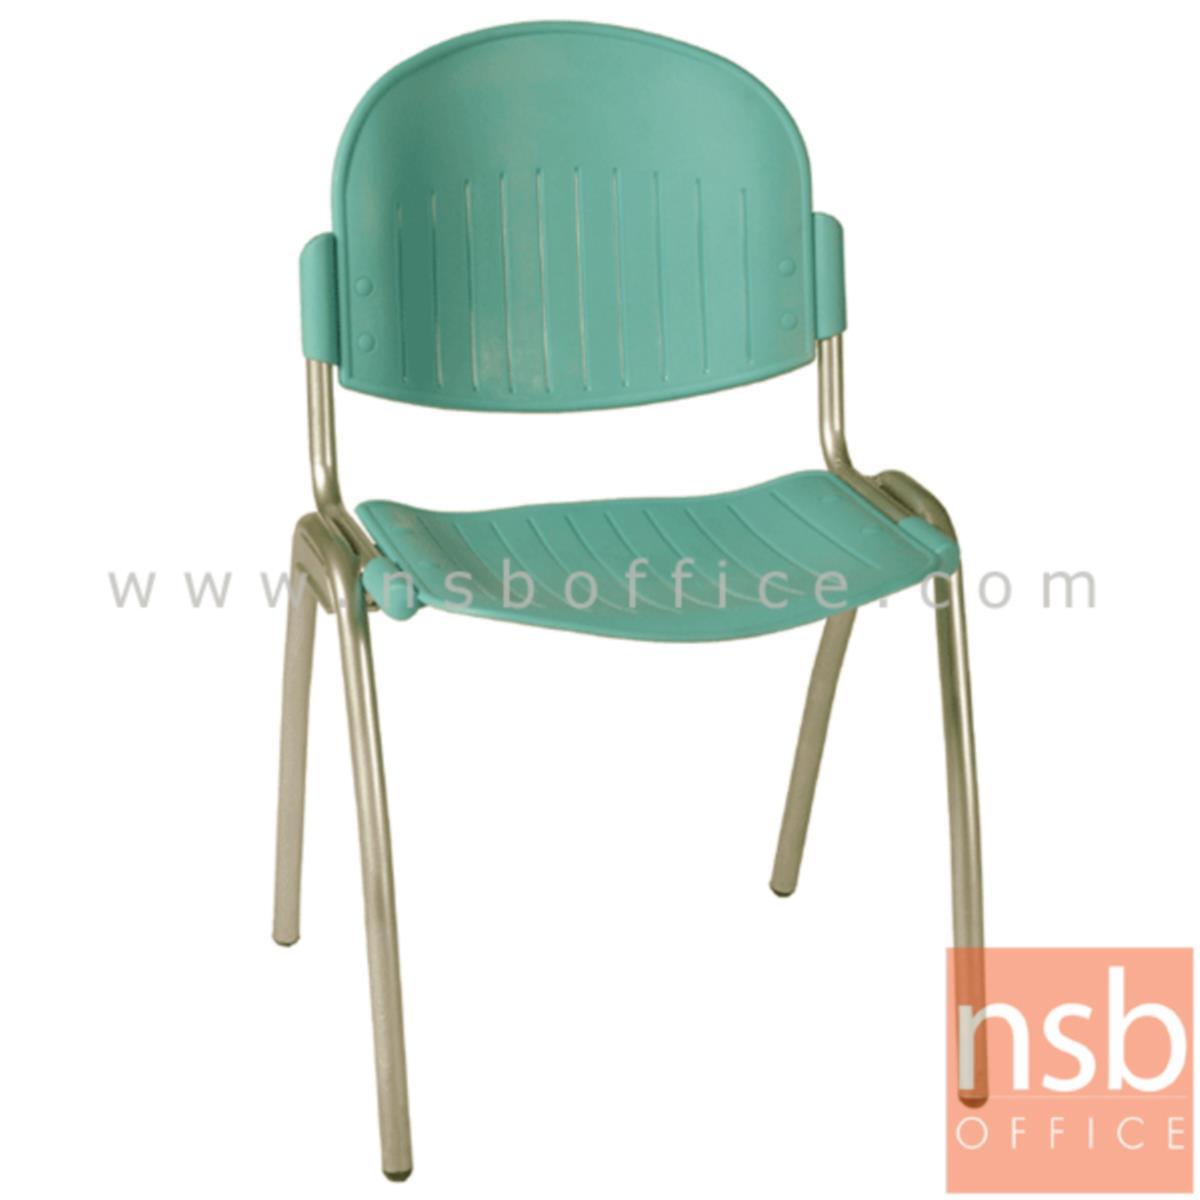 เก้าอี้อเนกประสงค์เฟรมโพลี่ รุ่น A056-446  ขาเหล็ก